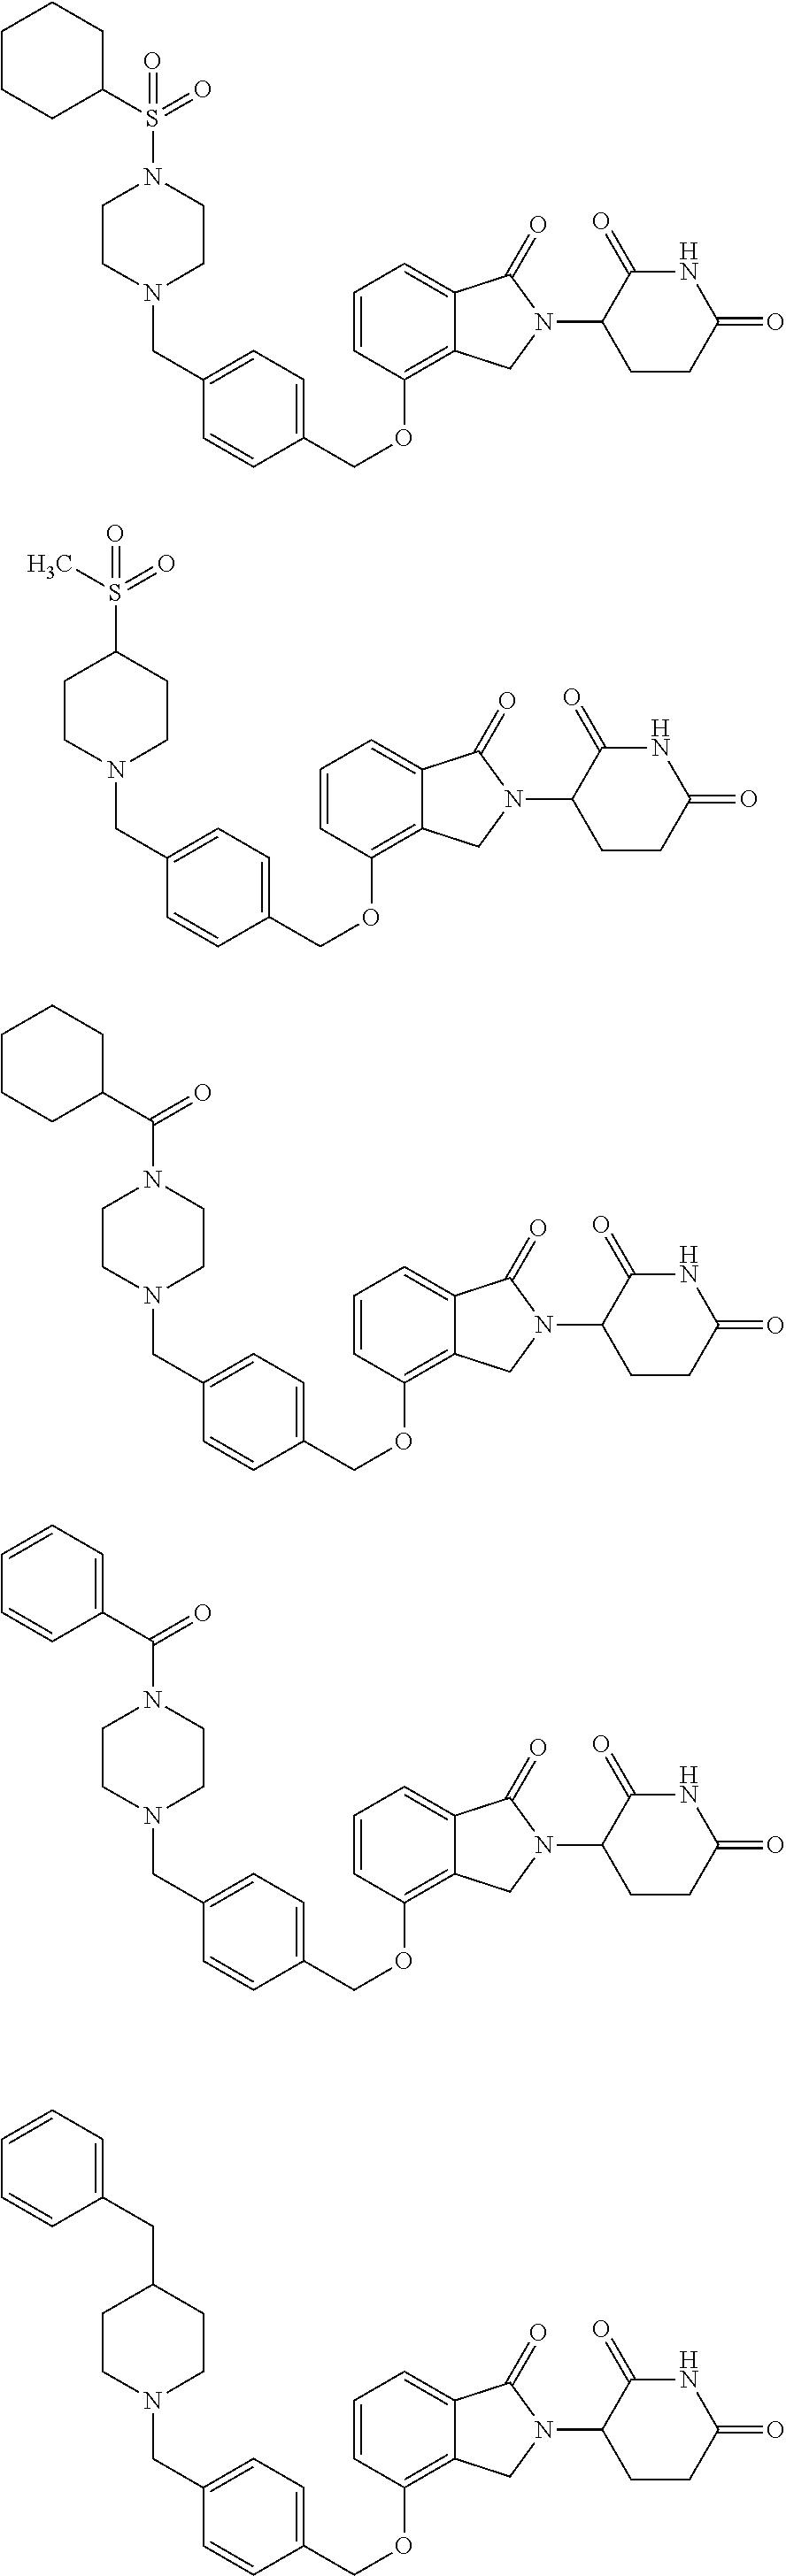 Figure US20110196150A1-20110811-C00048